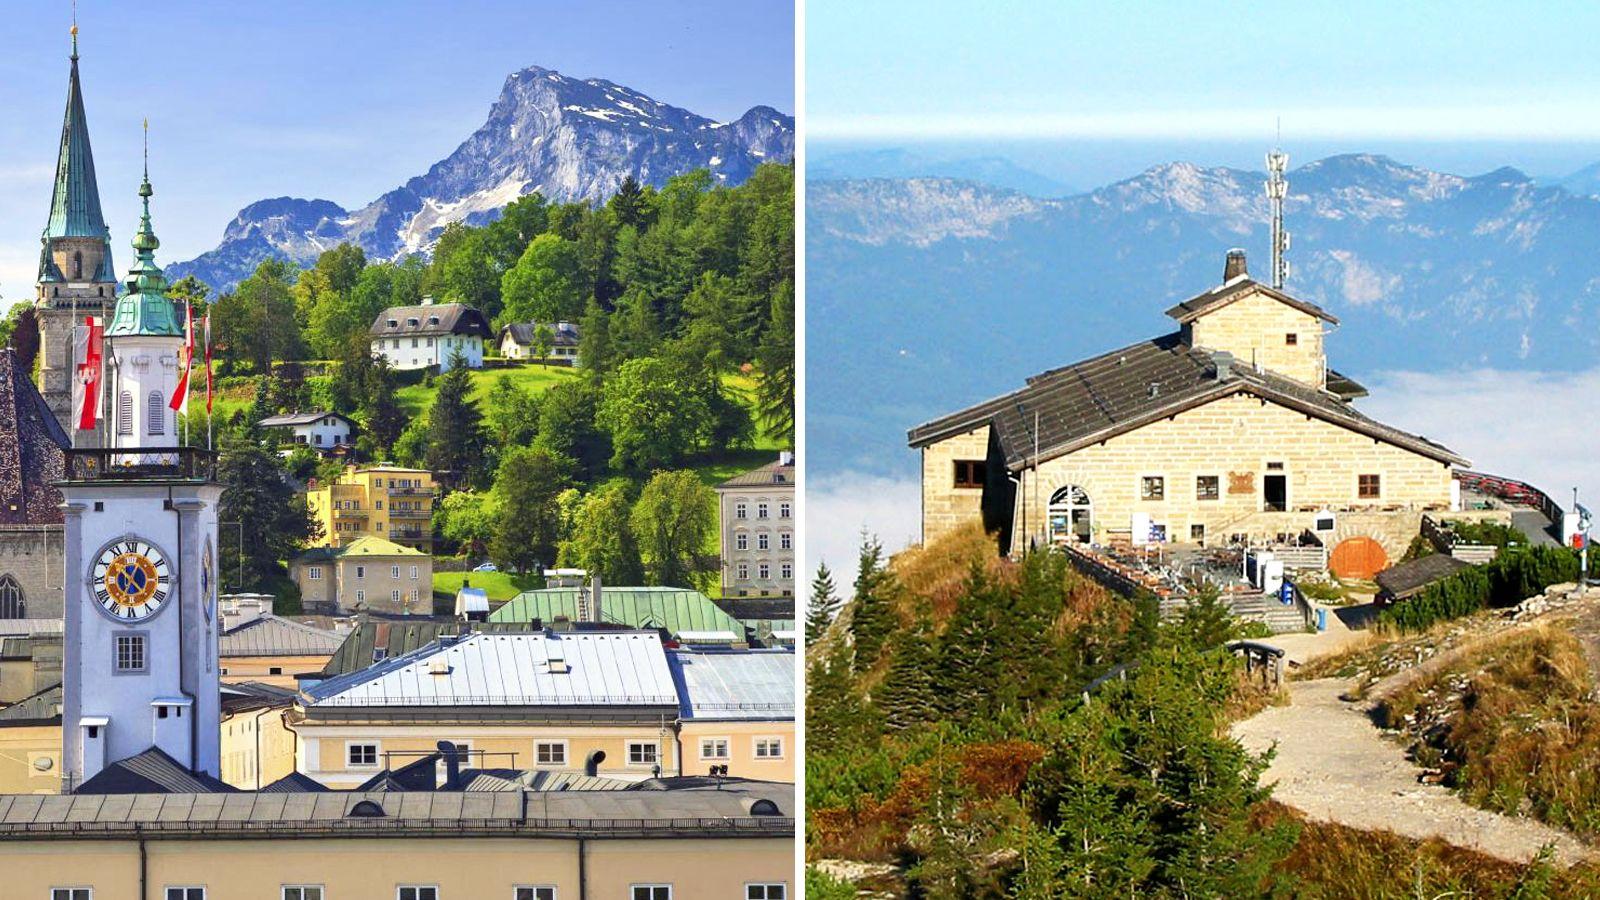 Combo 2-Day Tour: Salzburg, Berchtesgaden & Eagle's Nest